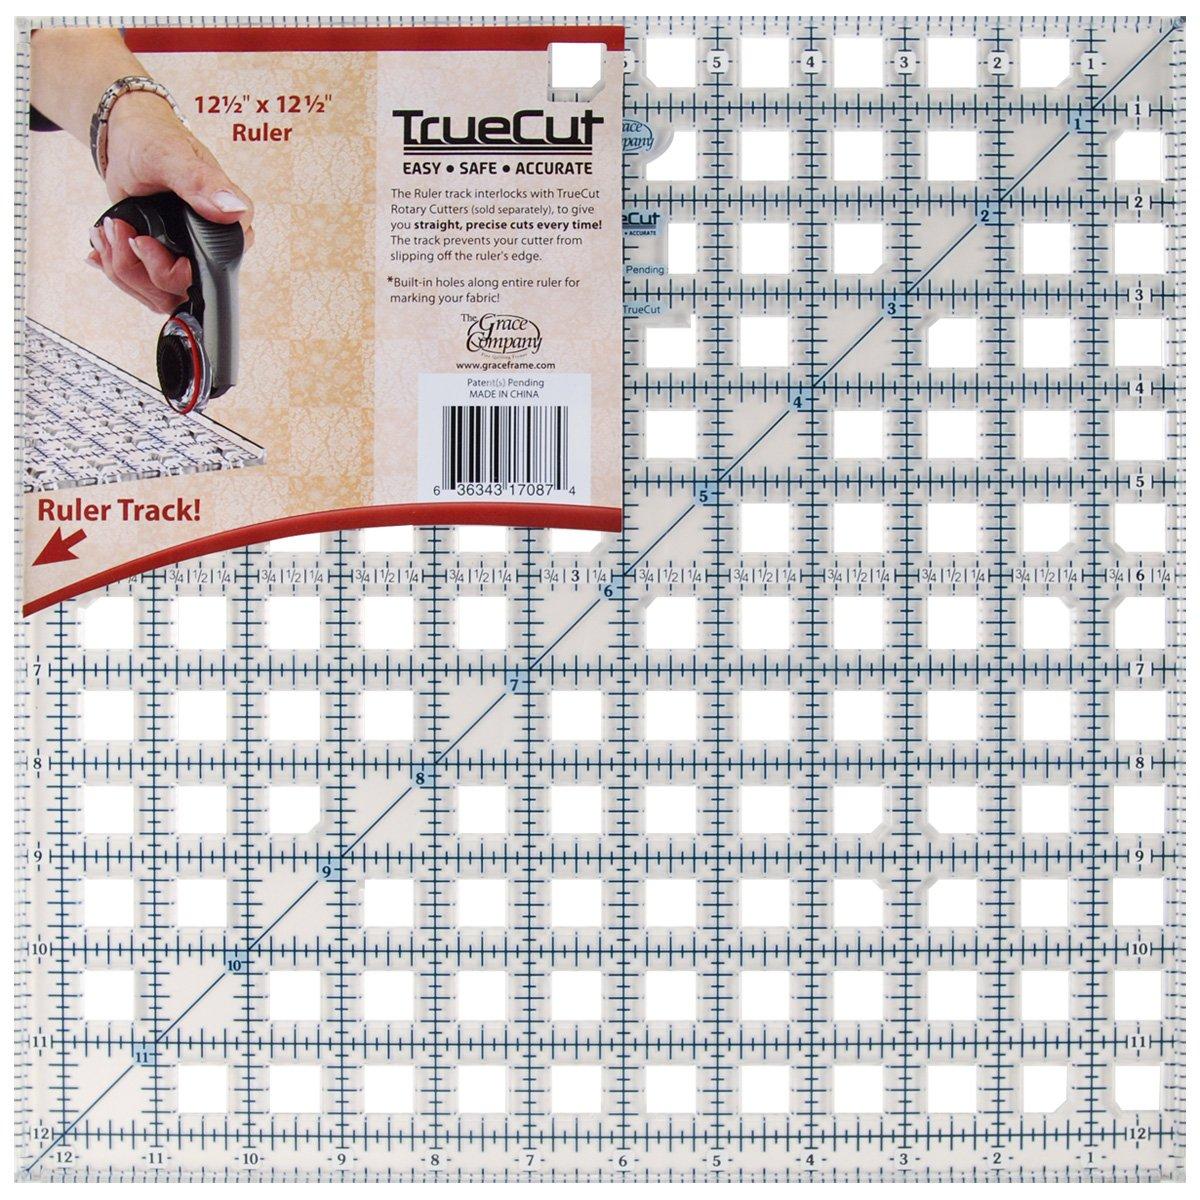 Grace Company 12 1/2 x 12 1/2-inch TrueCut Ruler TC17087